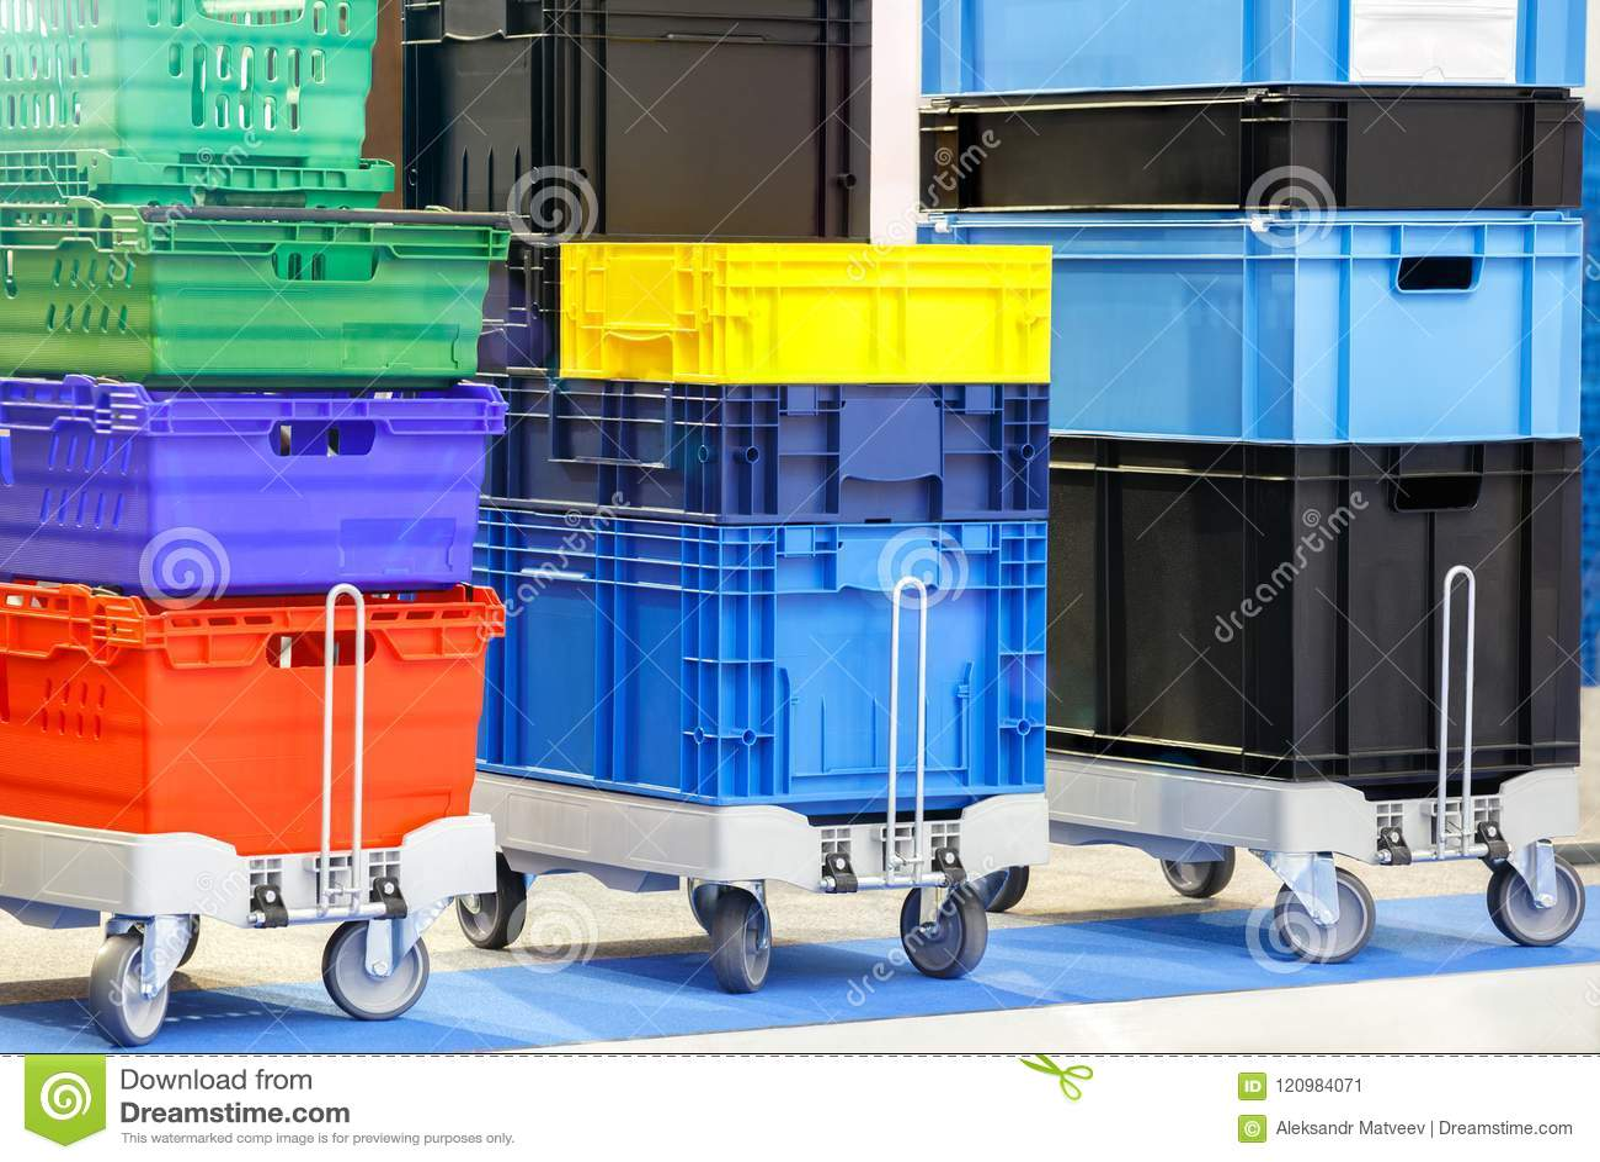 Le scatole di plastica variopinte hanno impilato uno sopra l altro sul carrello del magazzino o sul carrello della piattaforma